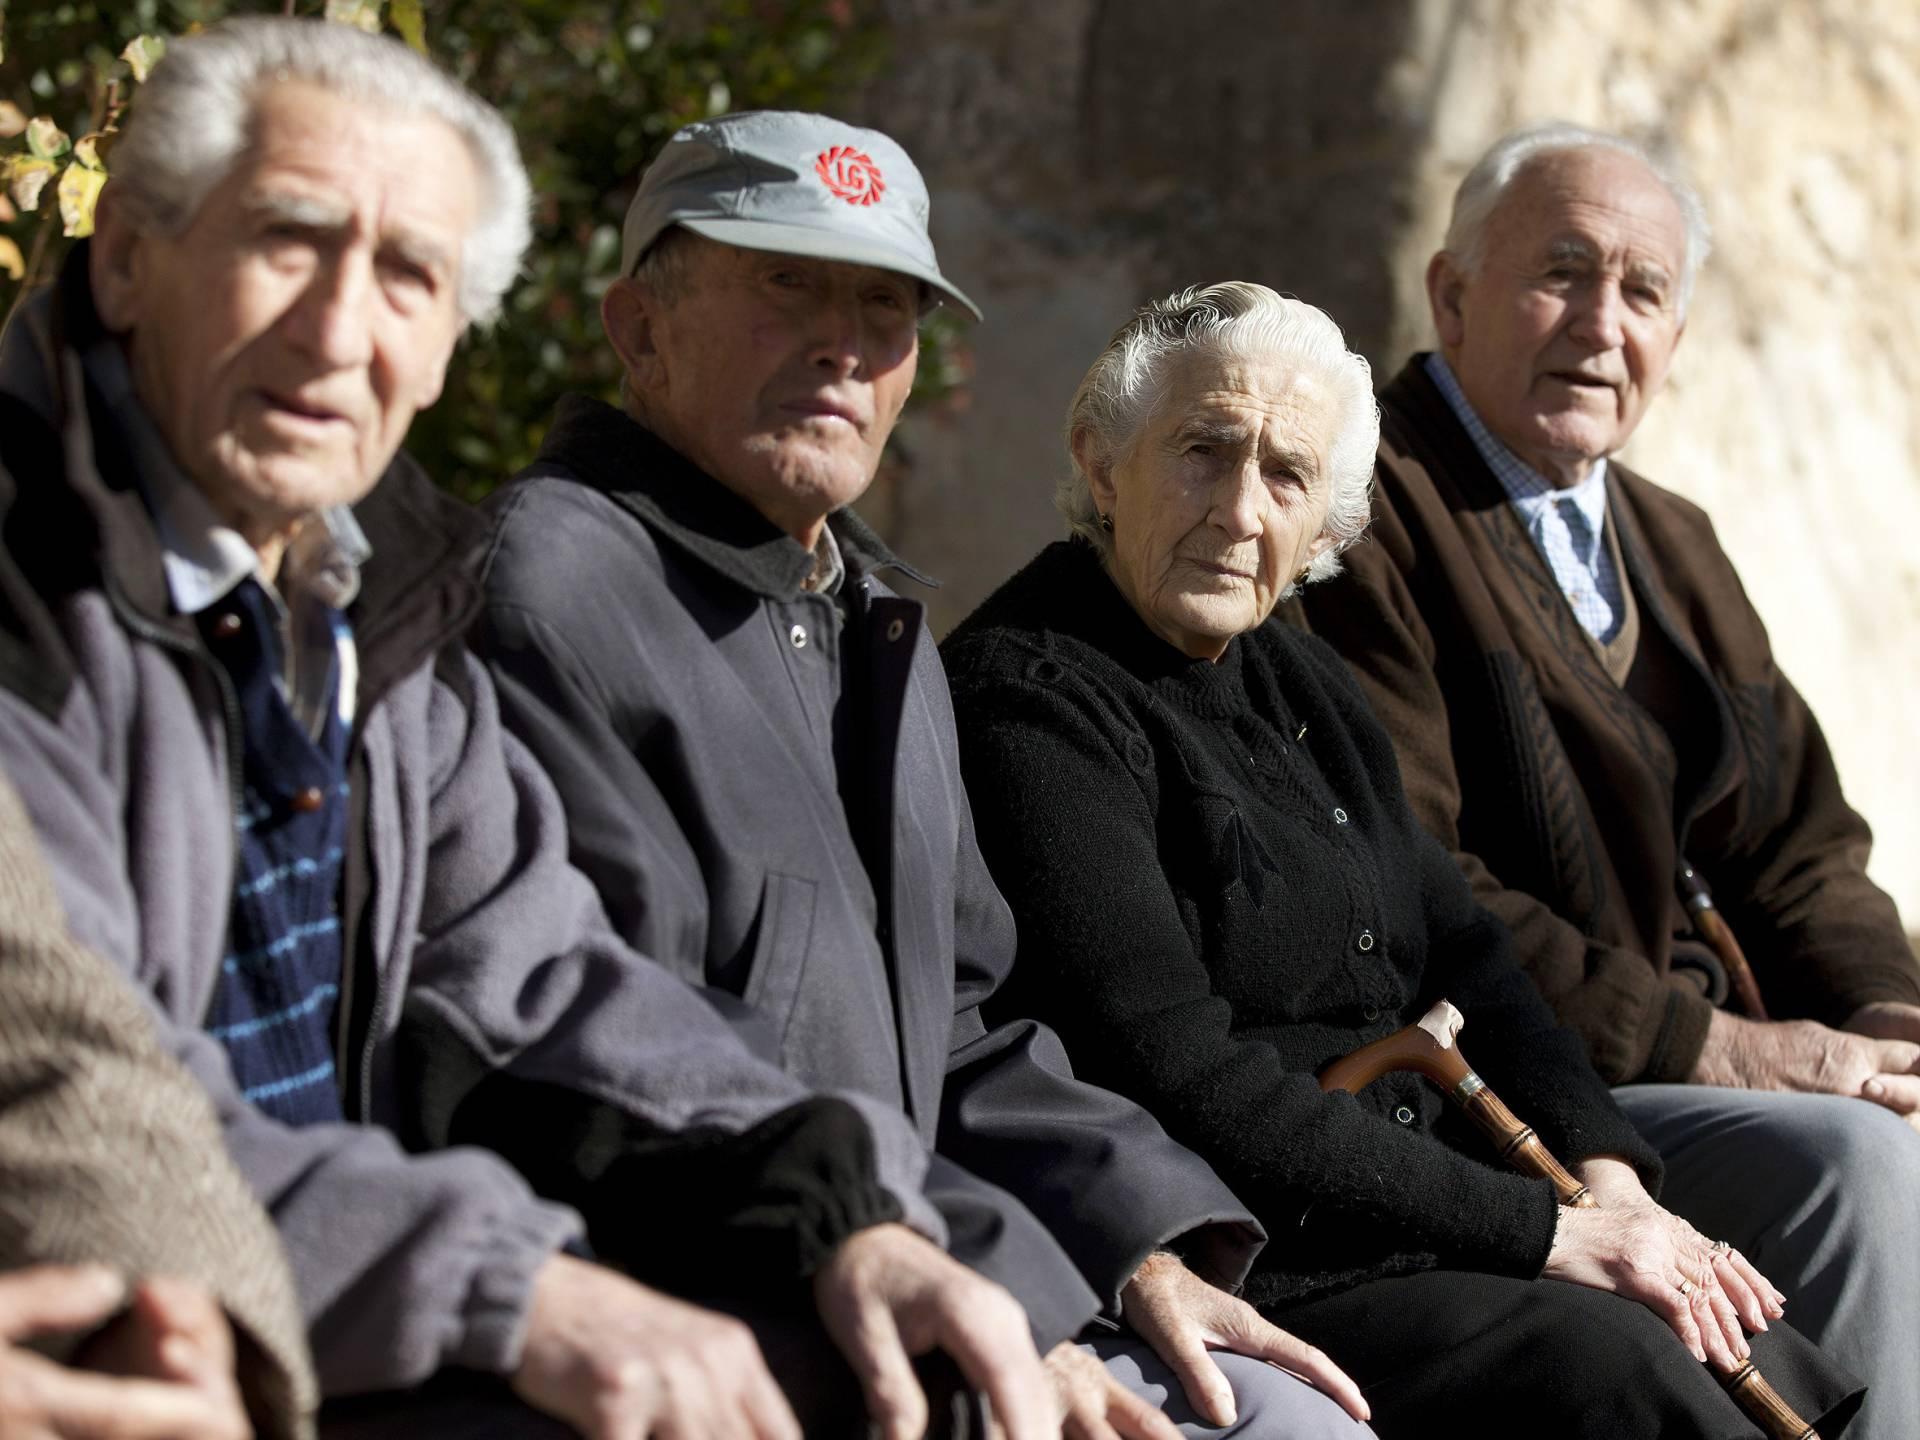 Ancianos sentados en una plaza pública.